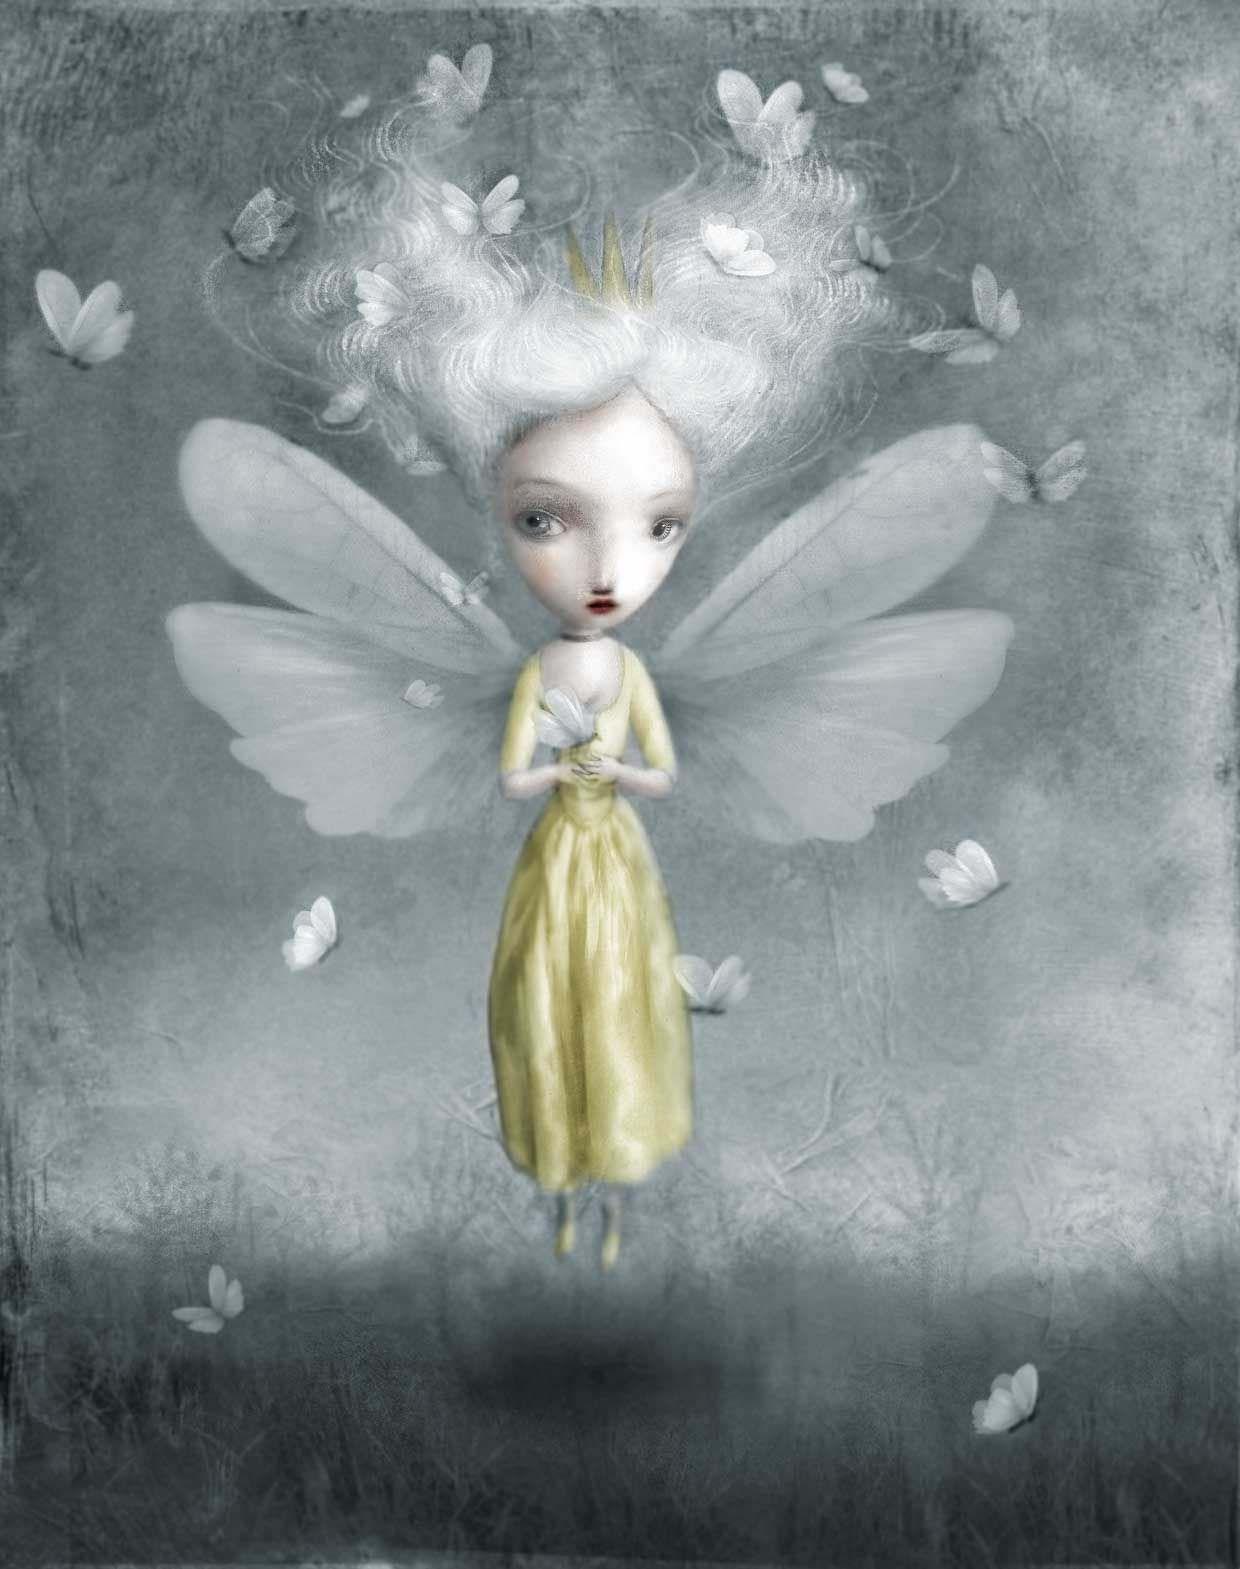 fairy princess - nicoletta ceccoli